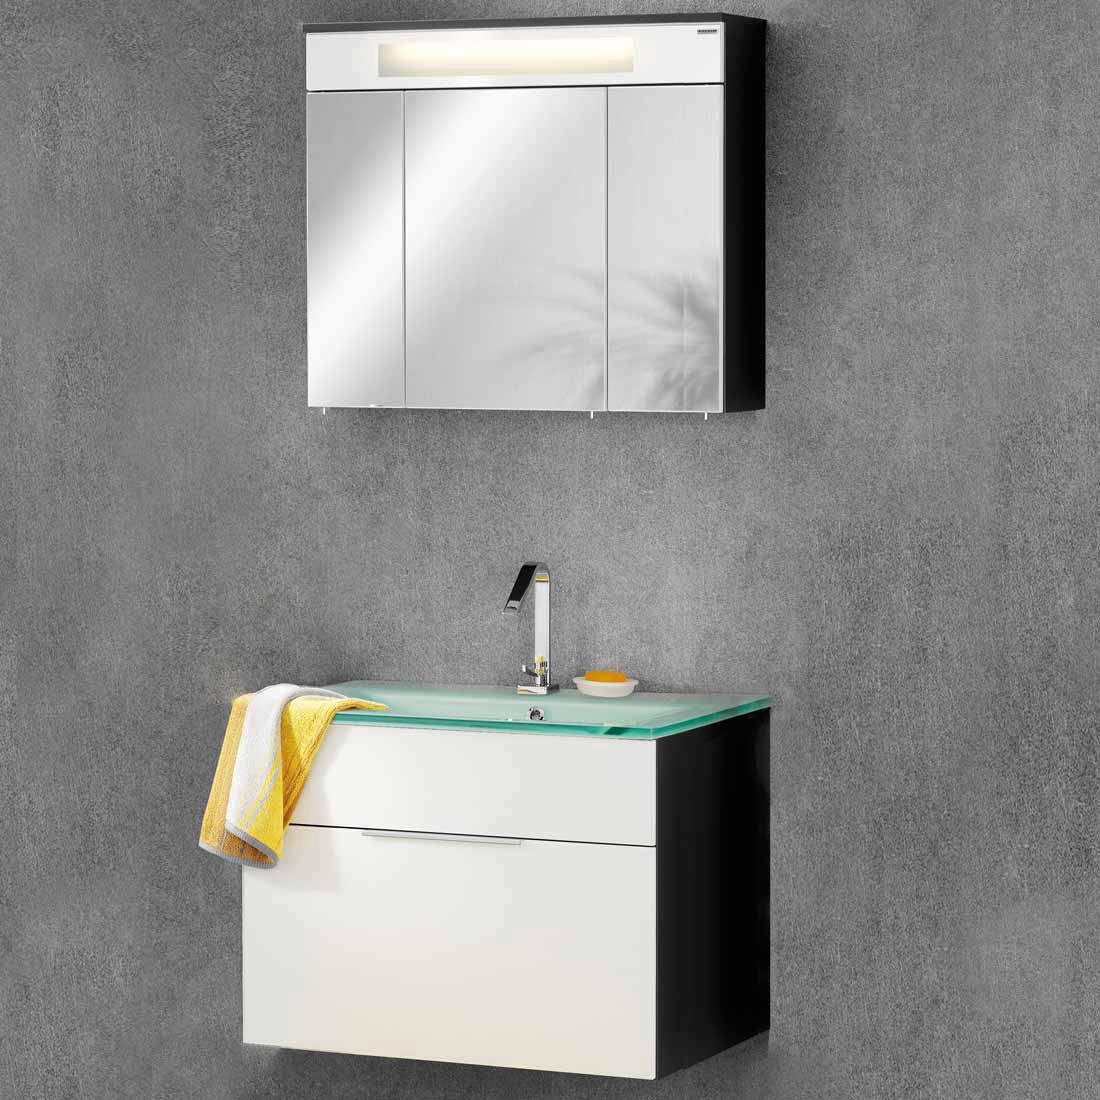 kara 2 waschplatz wei anthrazit mit 1 schublade. Black Bedroom Furniture Sets. Home Design Ideas